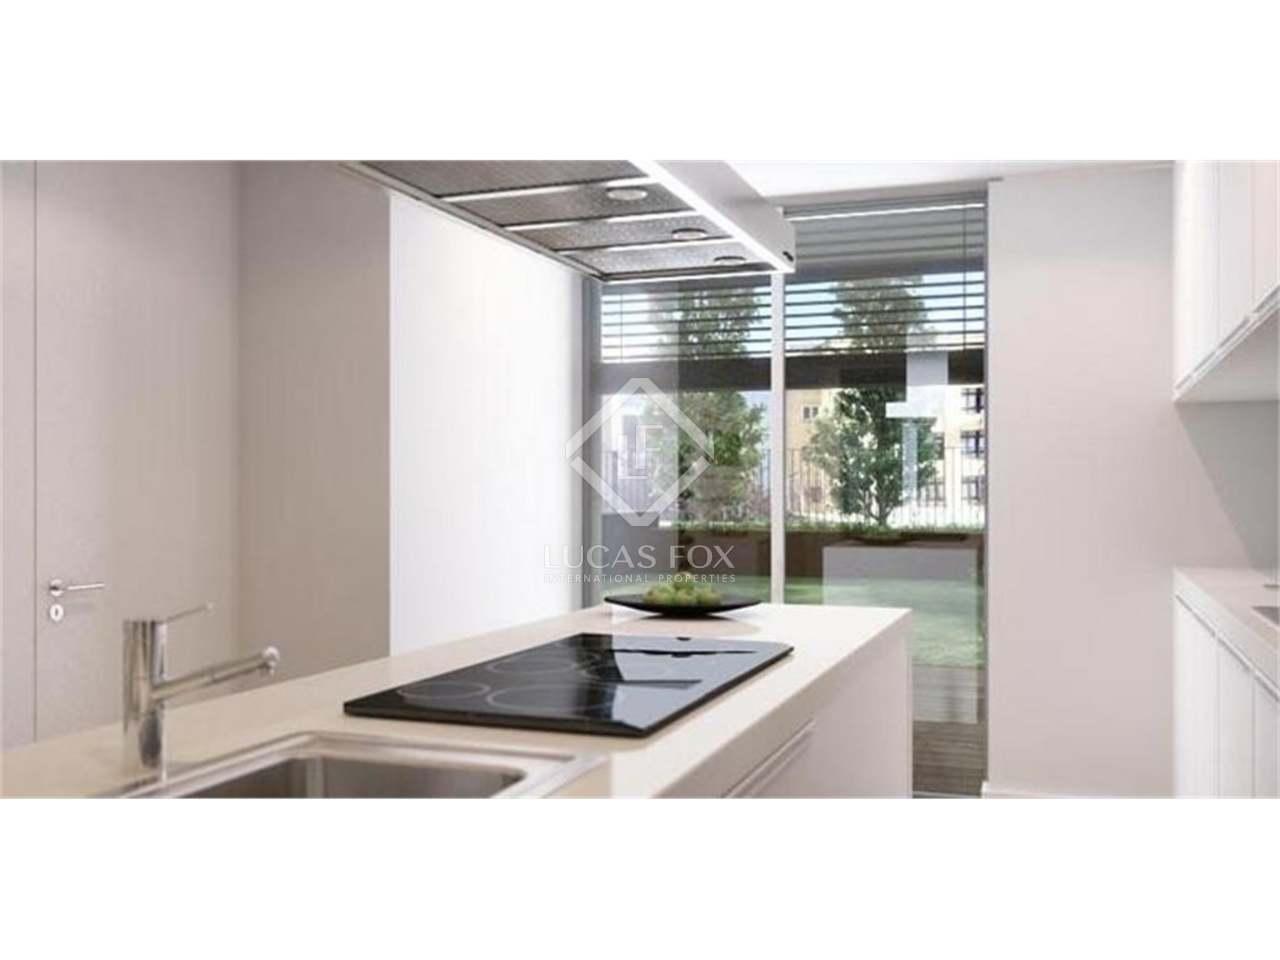 374m wohnung zum verkauf in lissabon stadt portugal. Black Bedroom Furniture Sets. Home Design Ideas